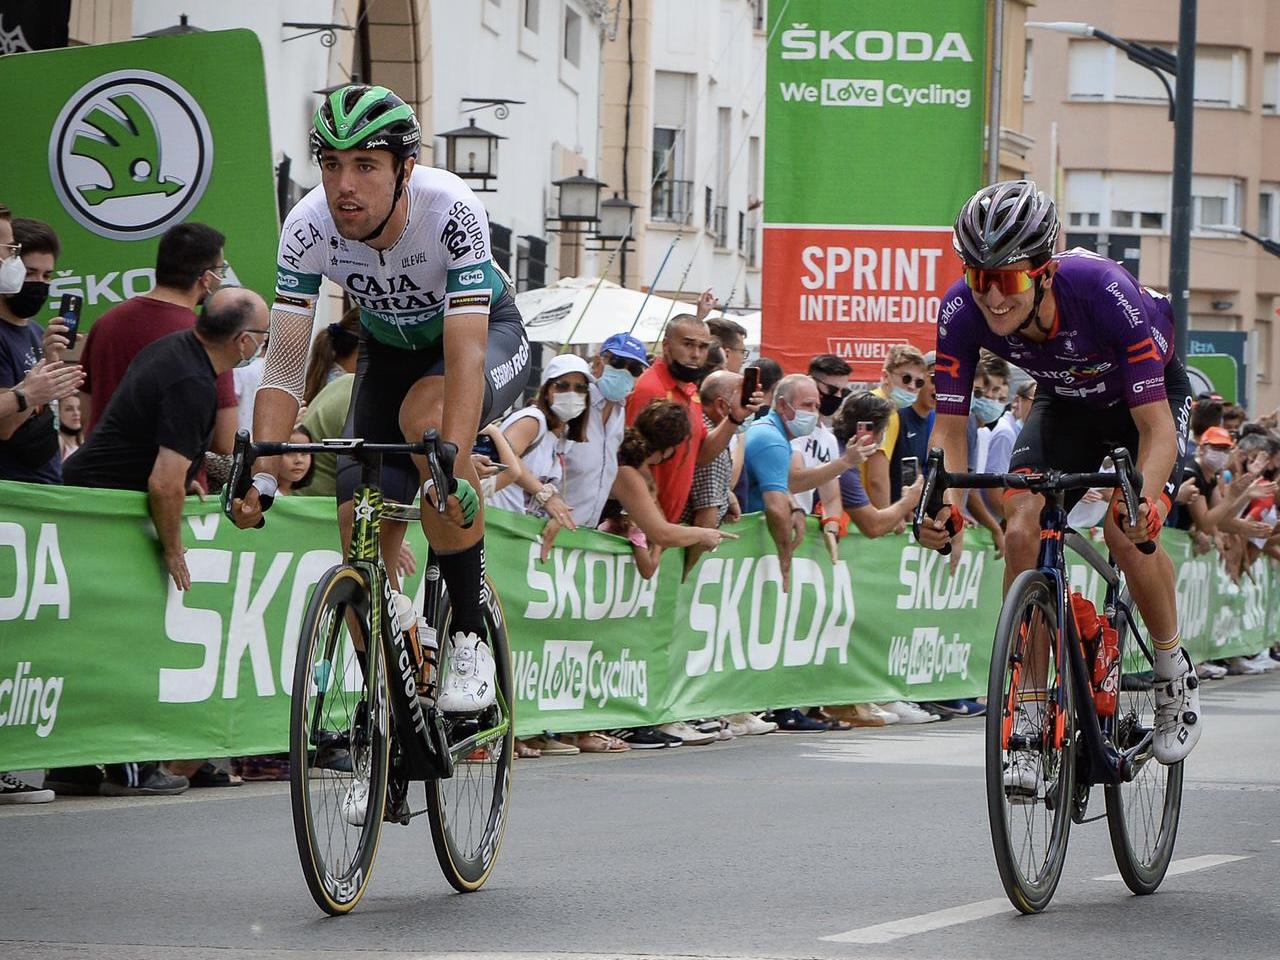 Lazkano presenta credenciales en su terreno; Aberasturi finaliza sexto al sprint